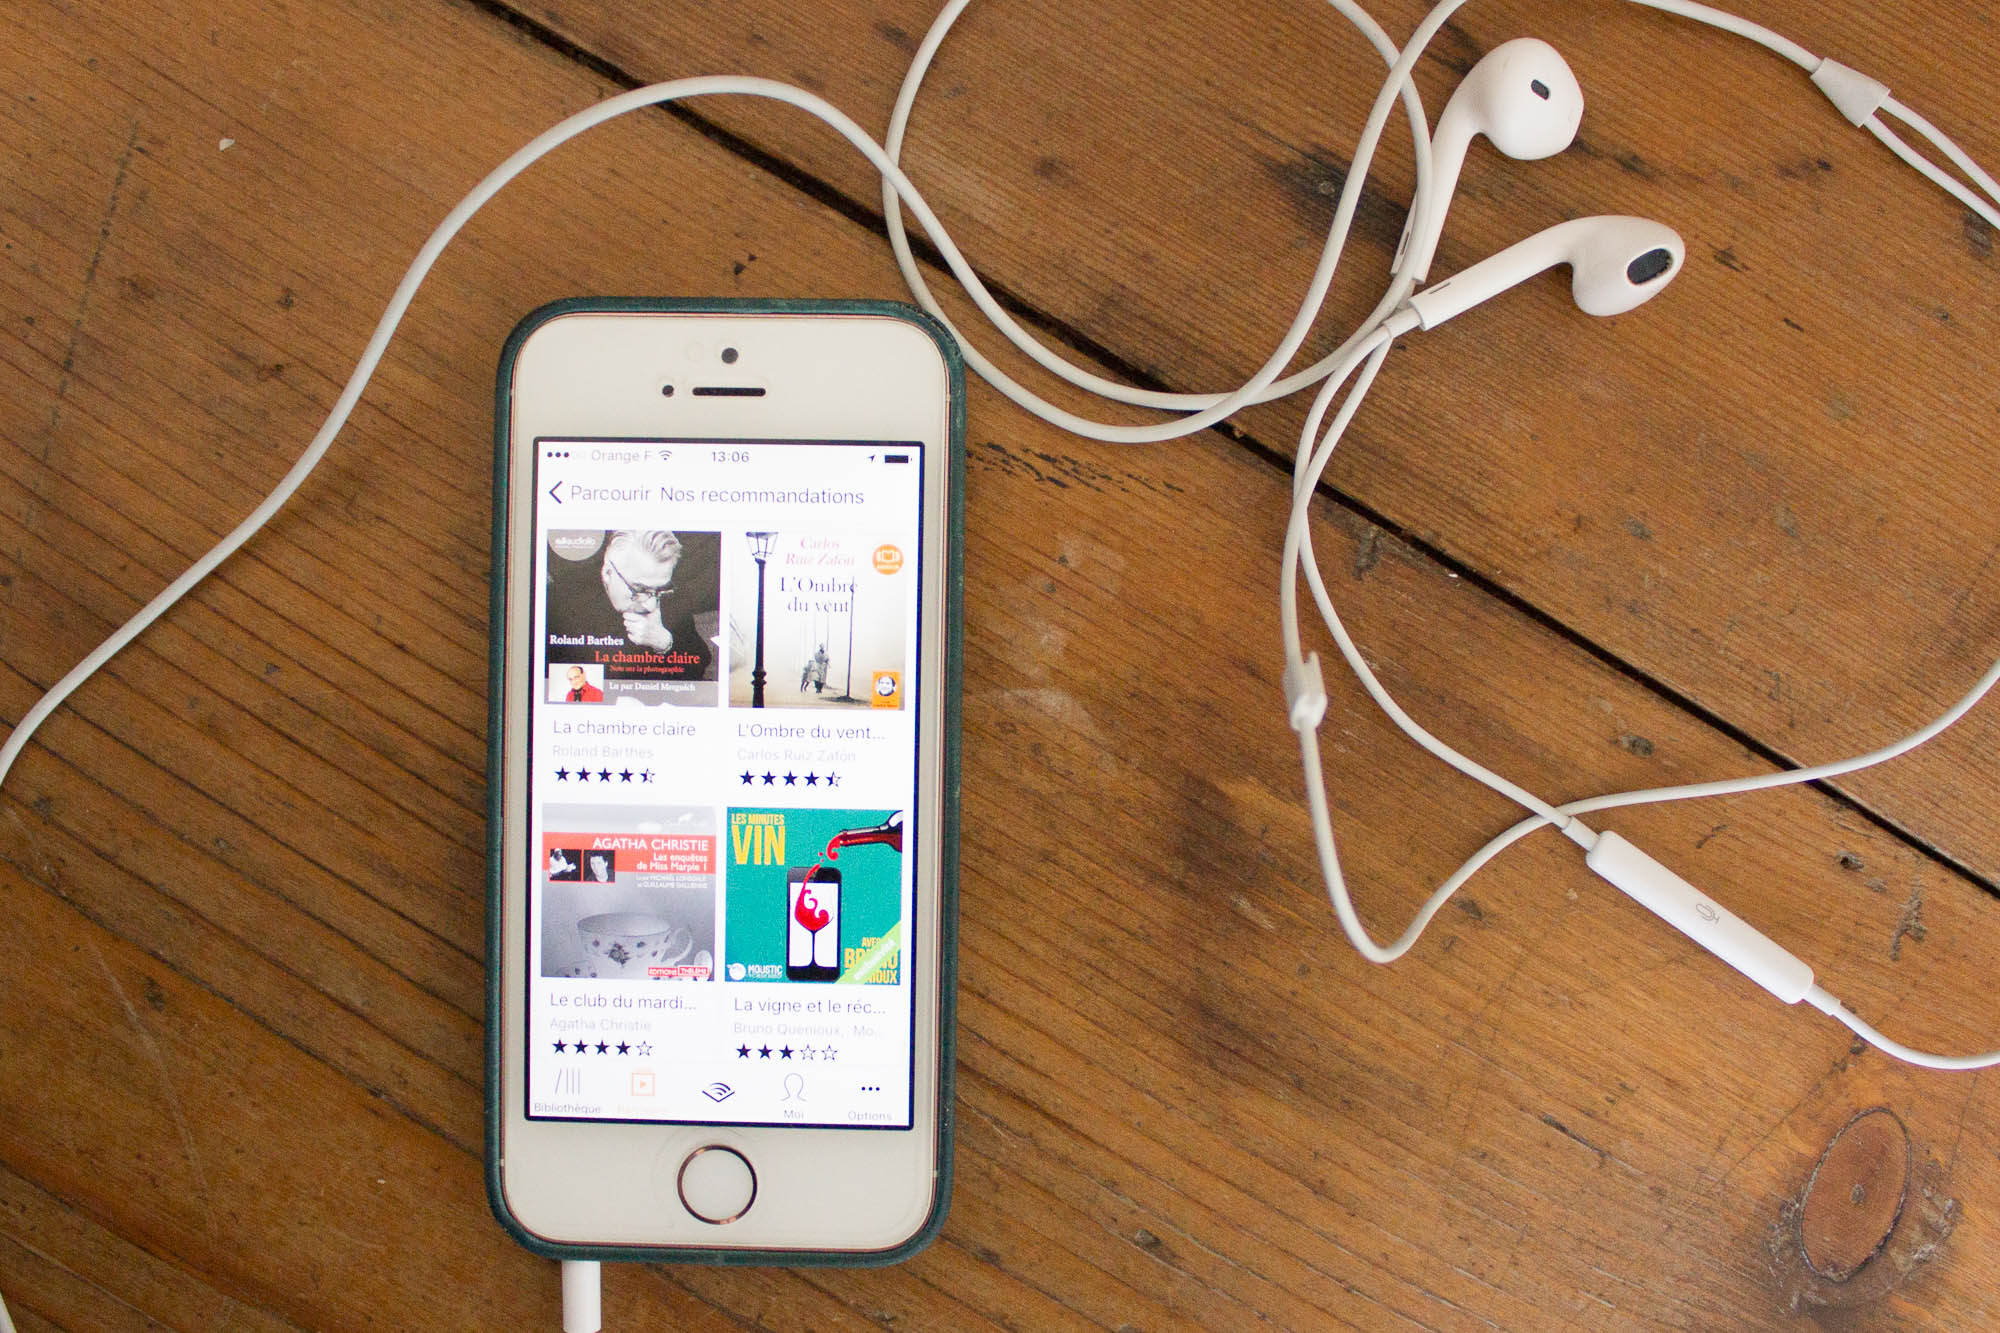 Écouter des livres audio, je suis pour ! (et Bon plan dans l'article)